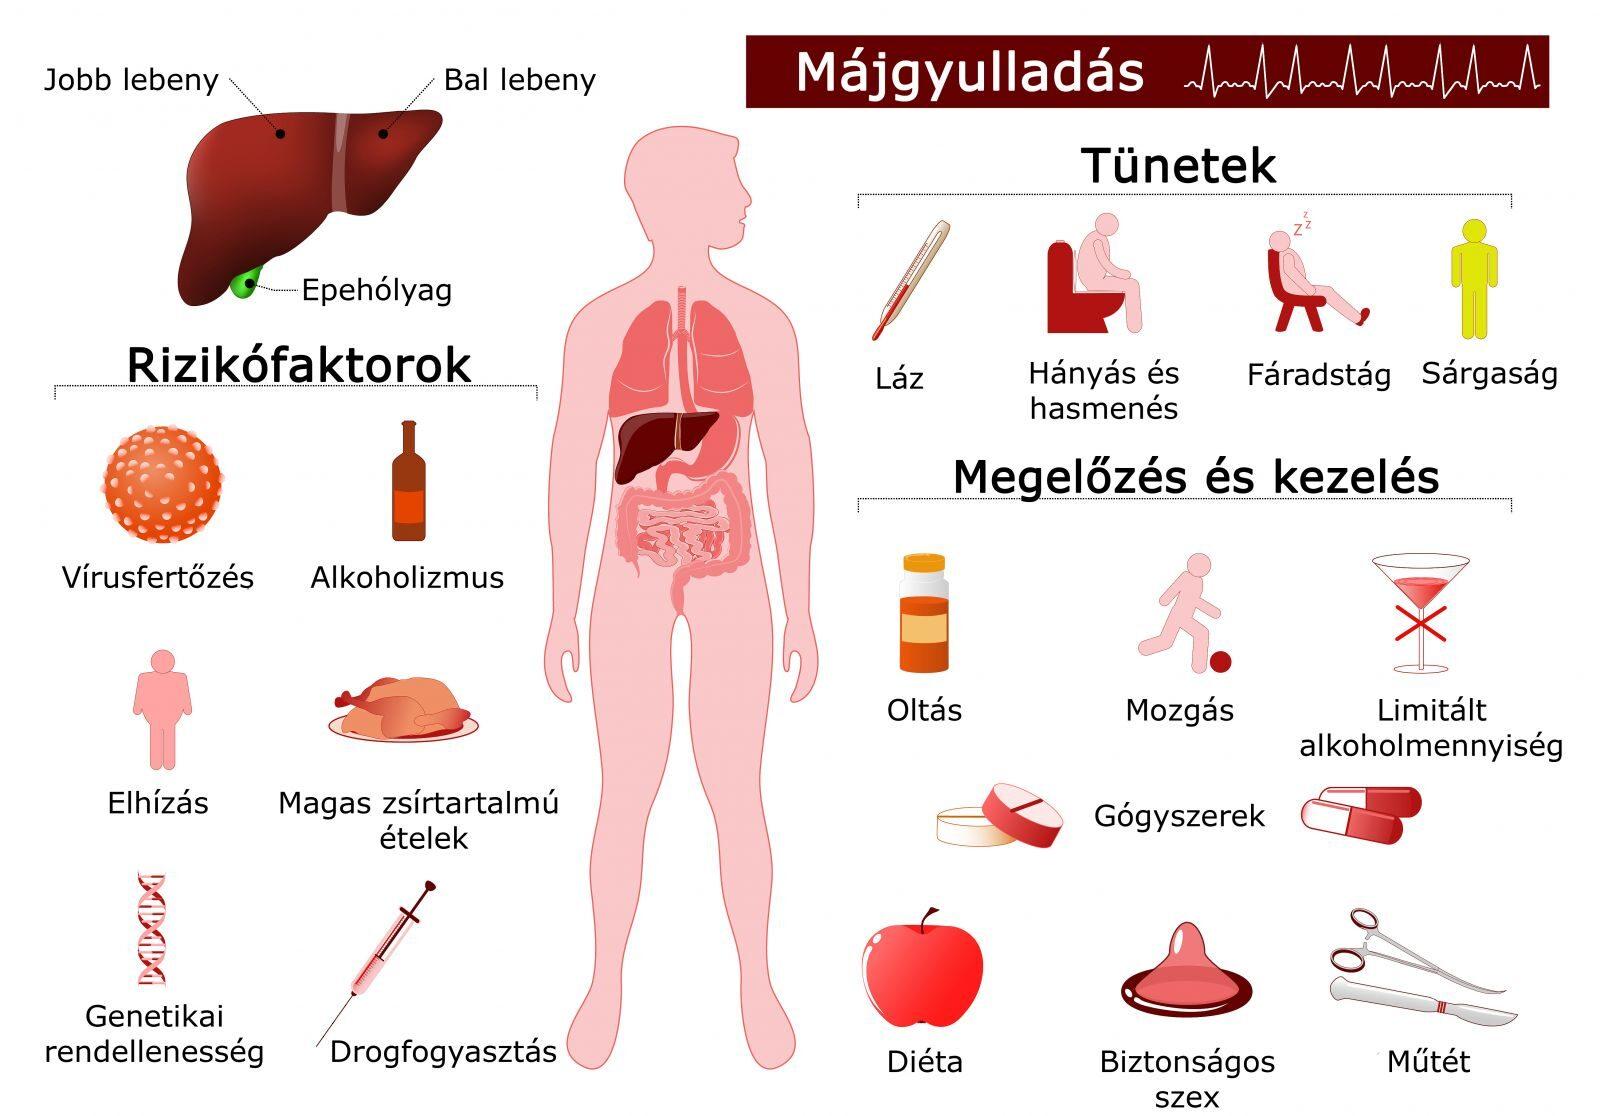 hepatitis ízületi fájdalom kezeléssel